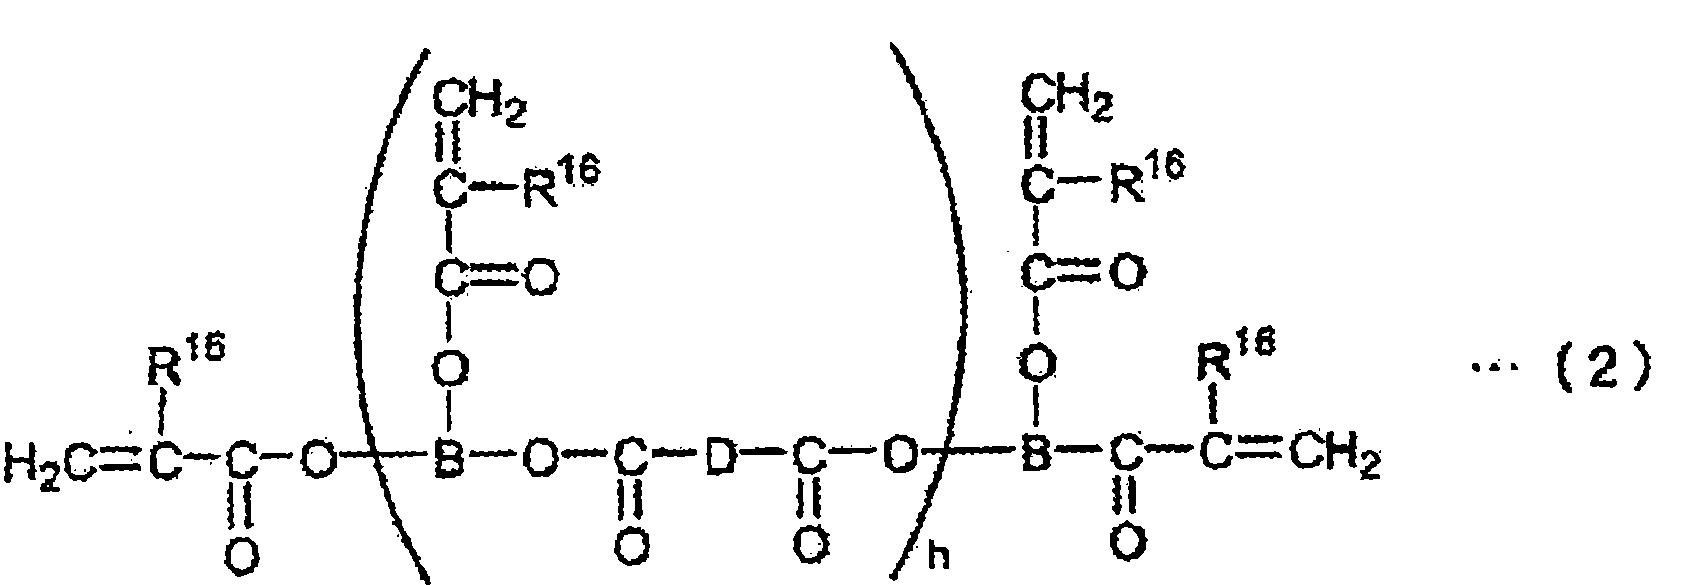 Figure CN101765494BD00152